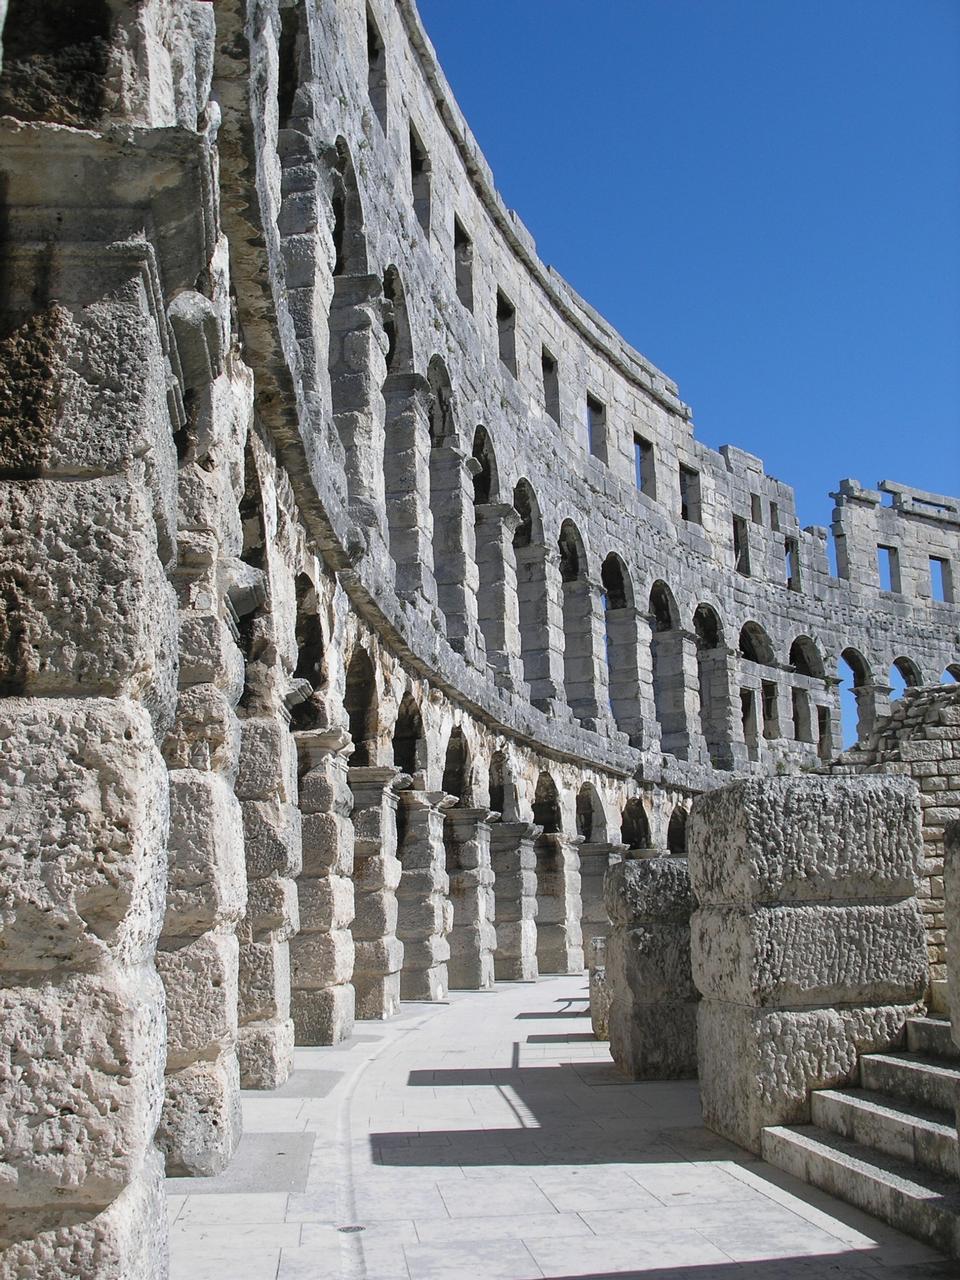 Free Roman amphitheatre (Arena) in Pula